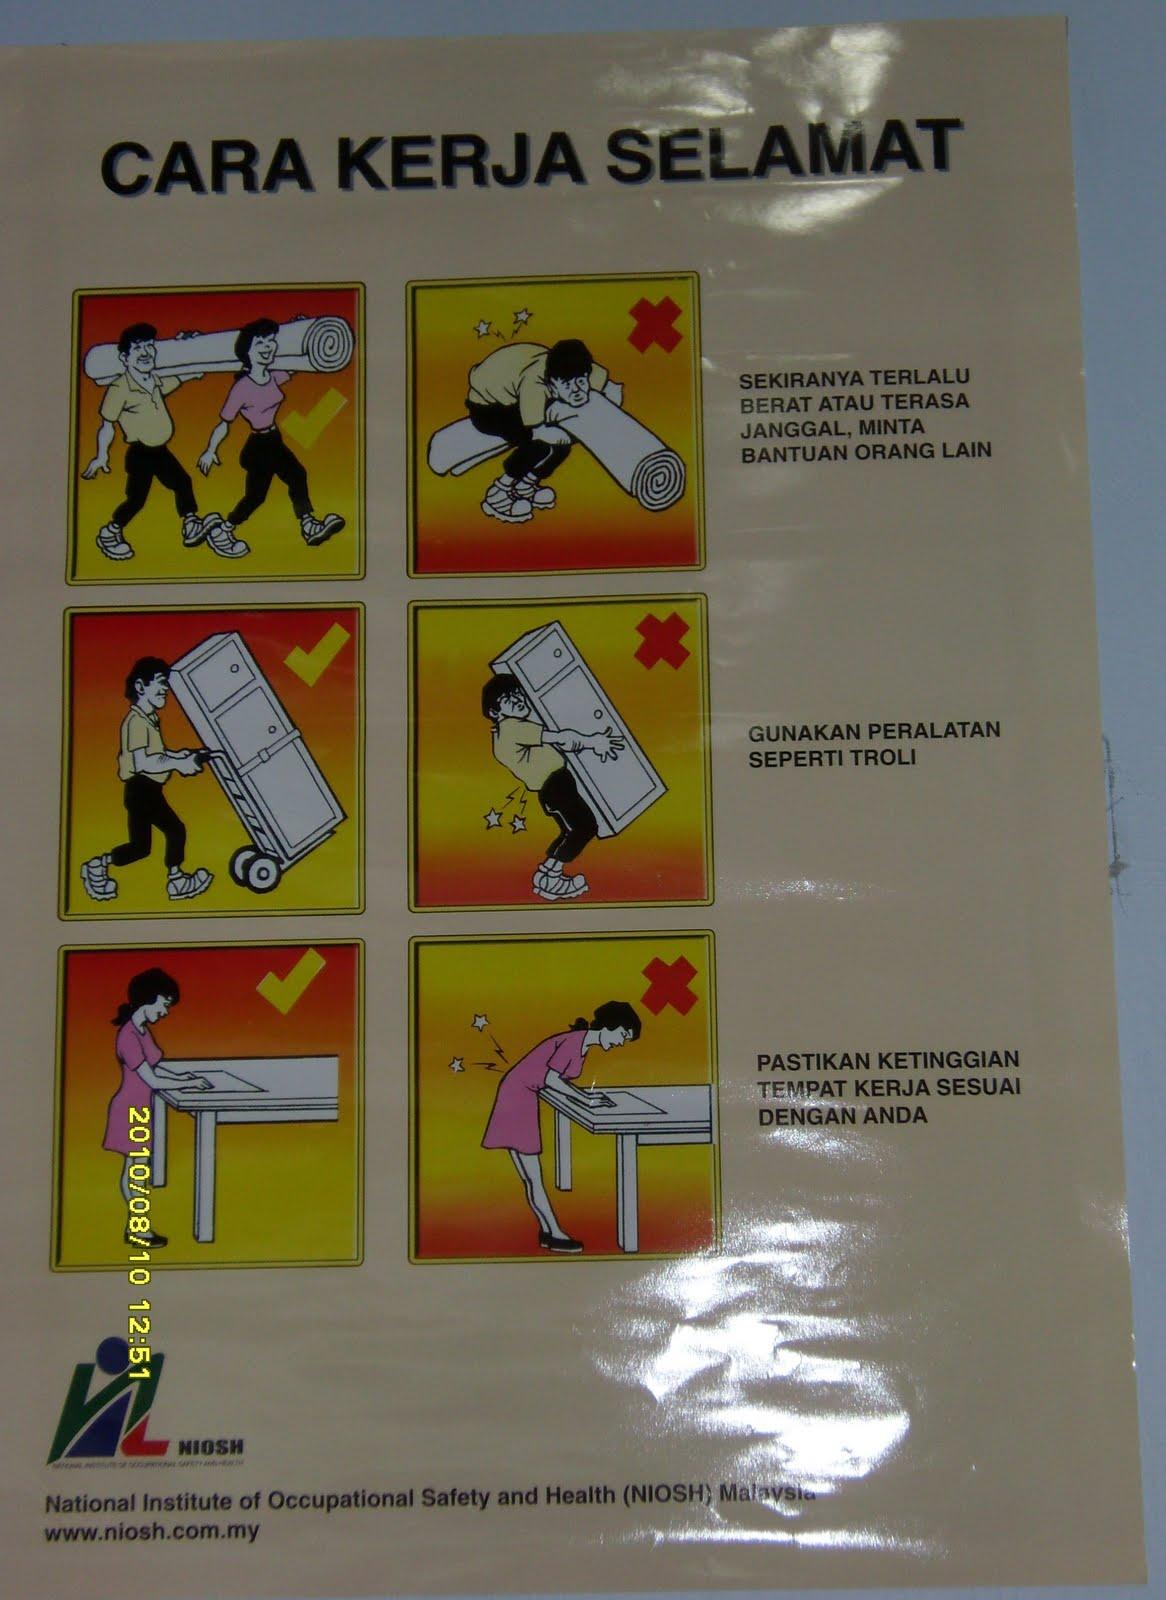 Radibemsafety1st Poster Keselamatan Di Premis Radibems Kota Damansara